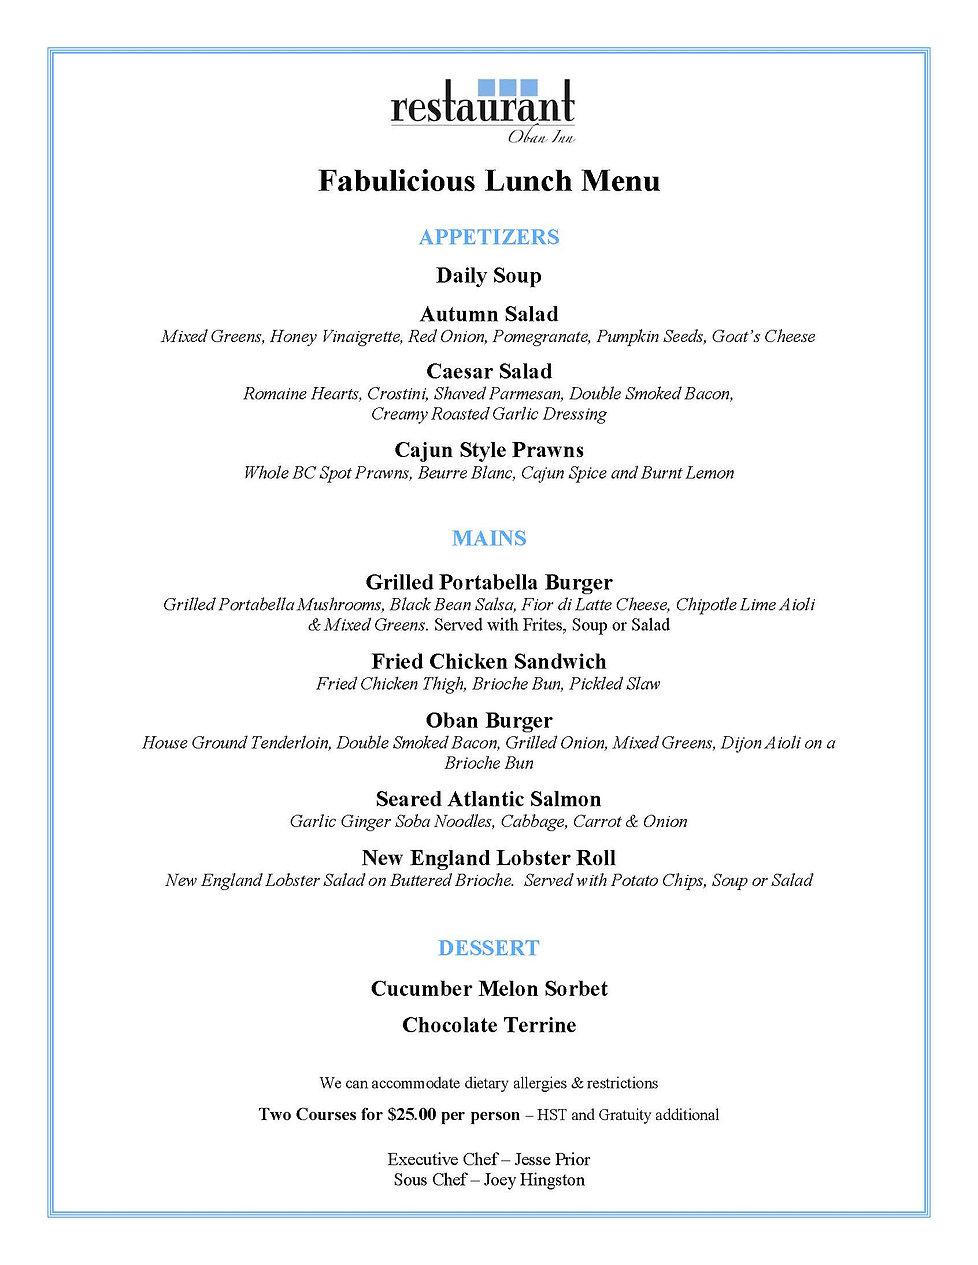 Oban Restaurant Fabulicious Lunch 2020.j